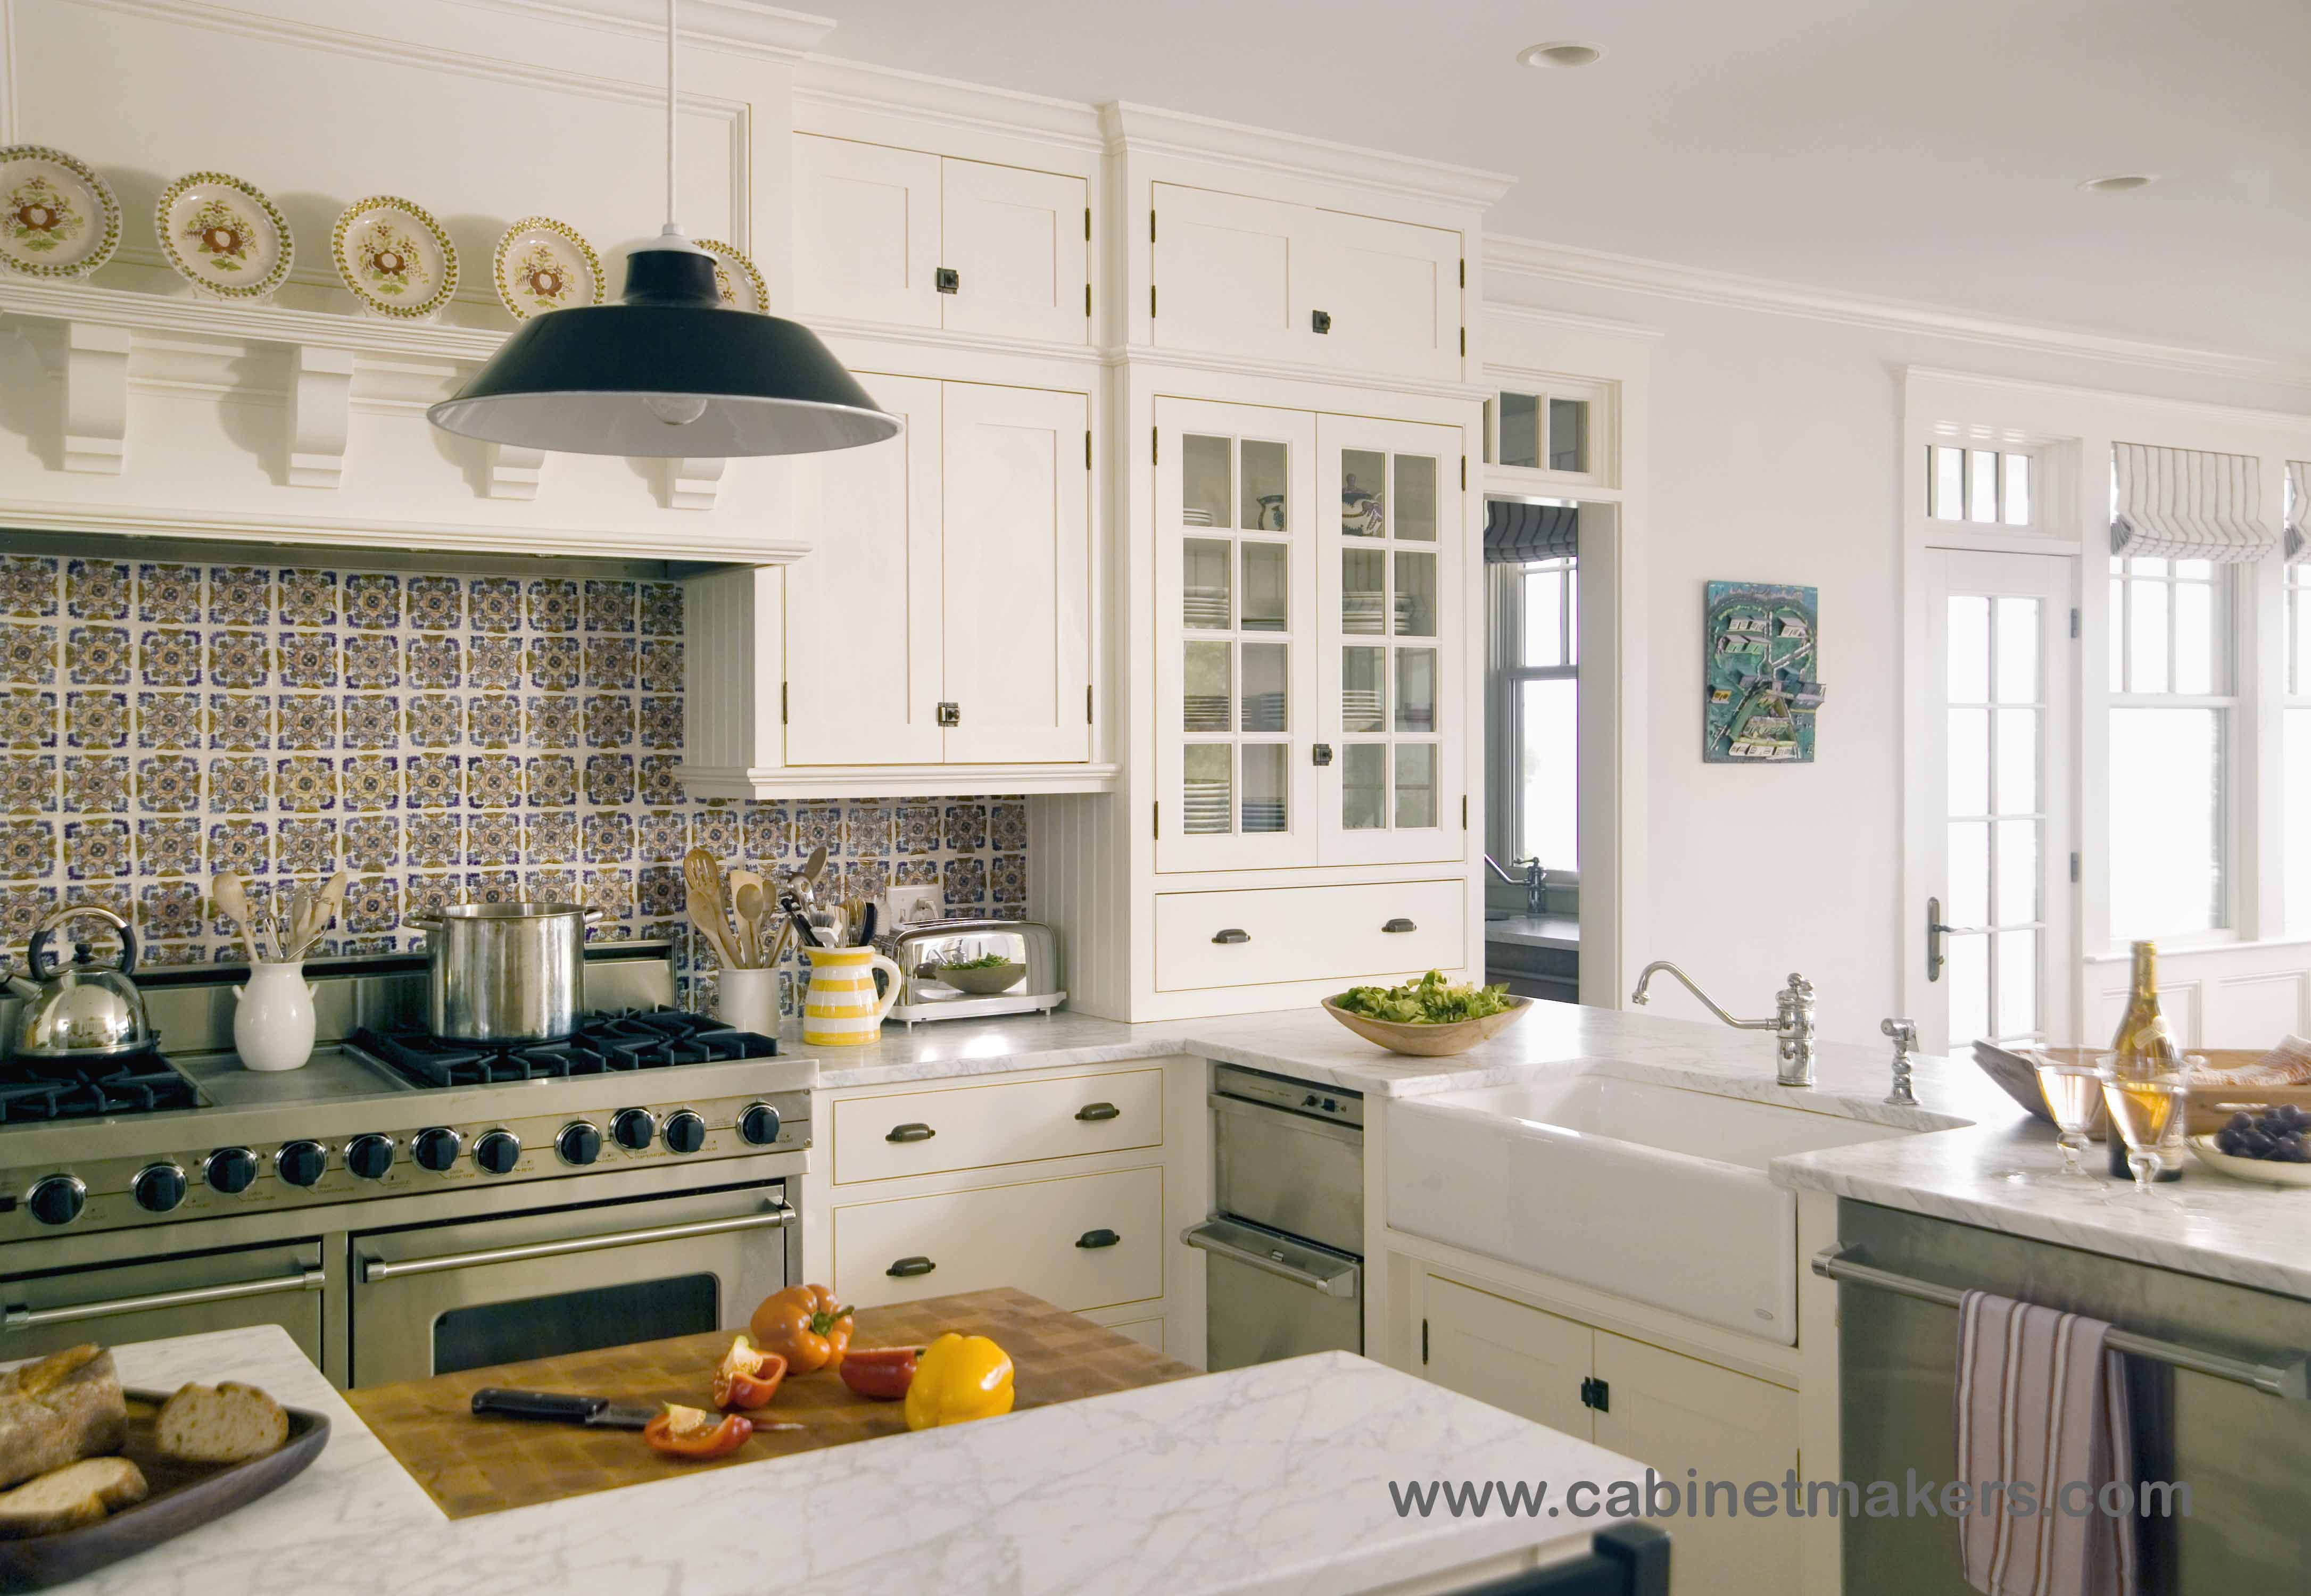 Designer S Cape Cod Kitchen Architect Sally Weston Associates Interior Designer Mally Skok Interior Design Build Kitchen Cape Cod Kitchen Design Builder